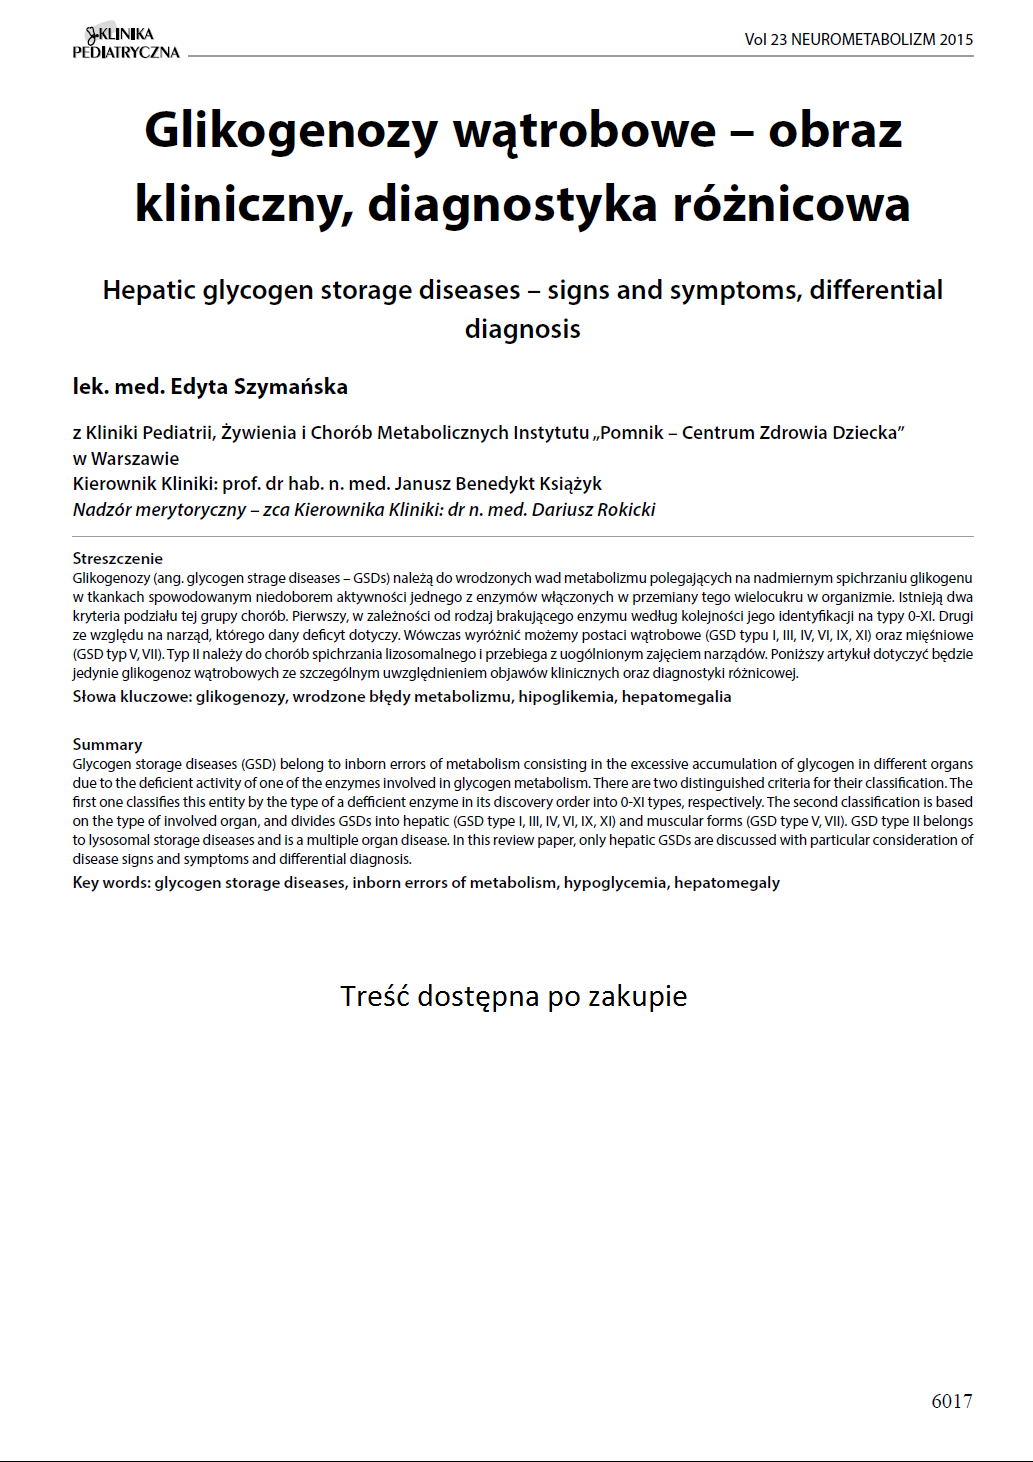 KP 2015-Neurometabolizm: Glikogenozy wątrobowe – obraz kliniczny, diagnostyka różnicowa